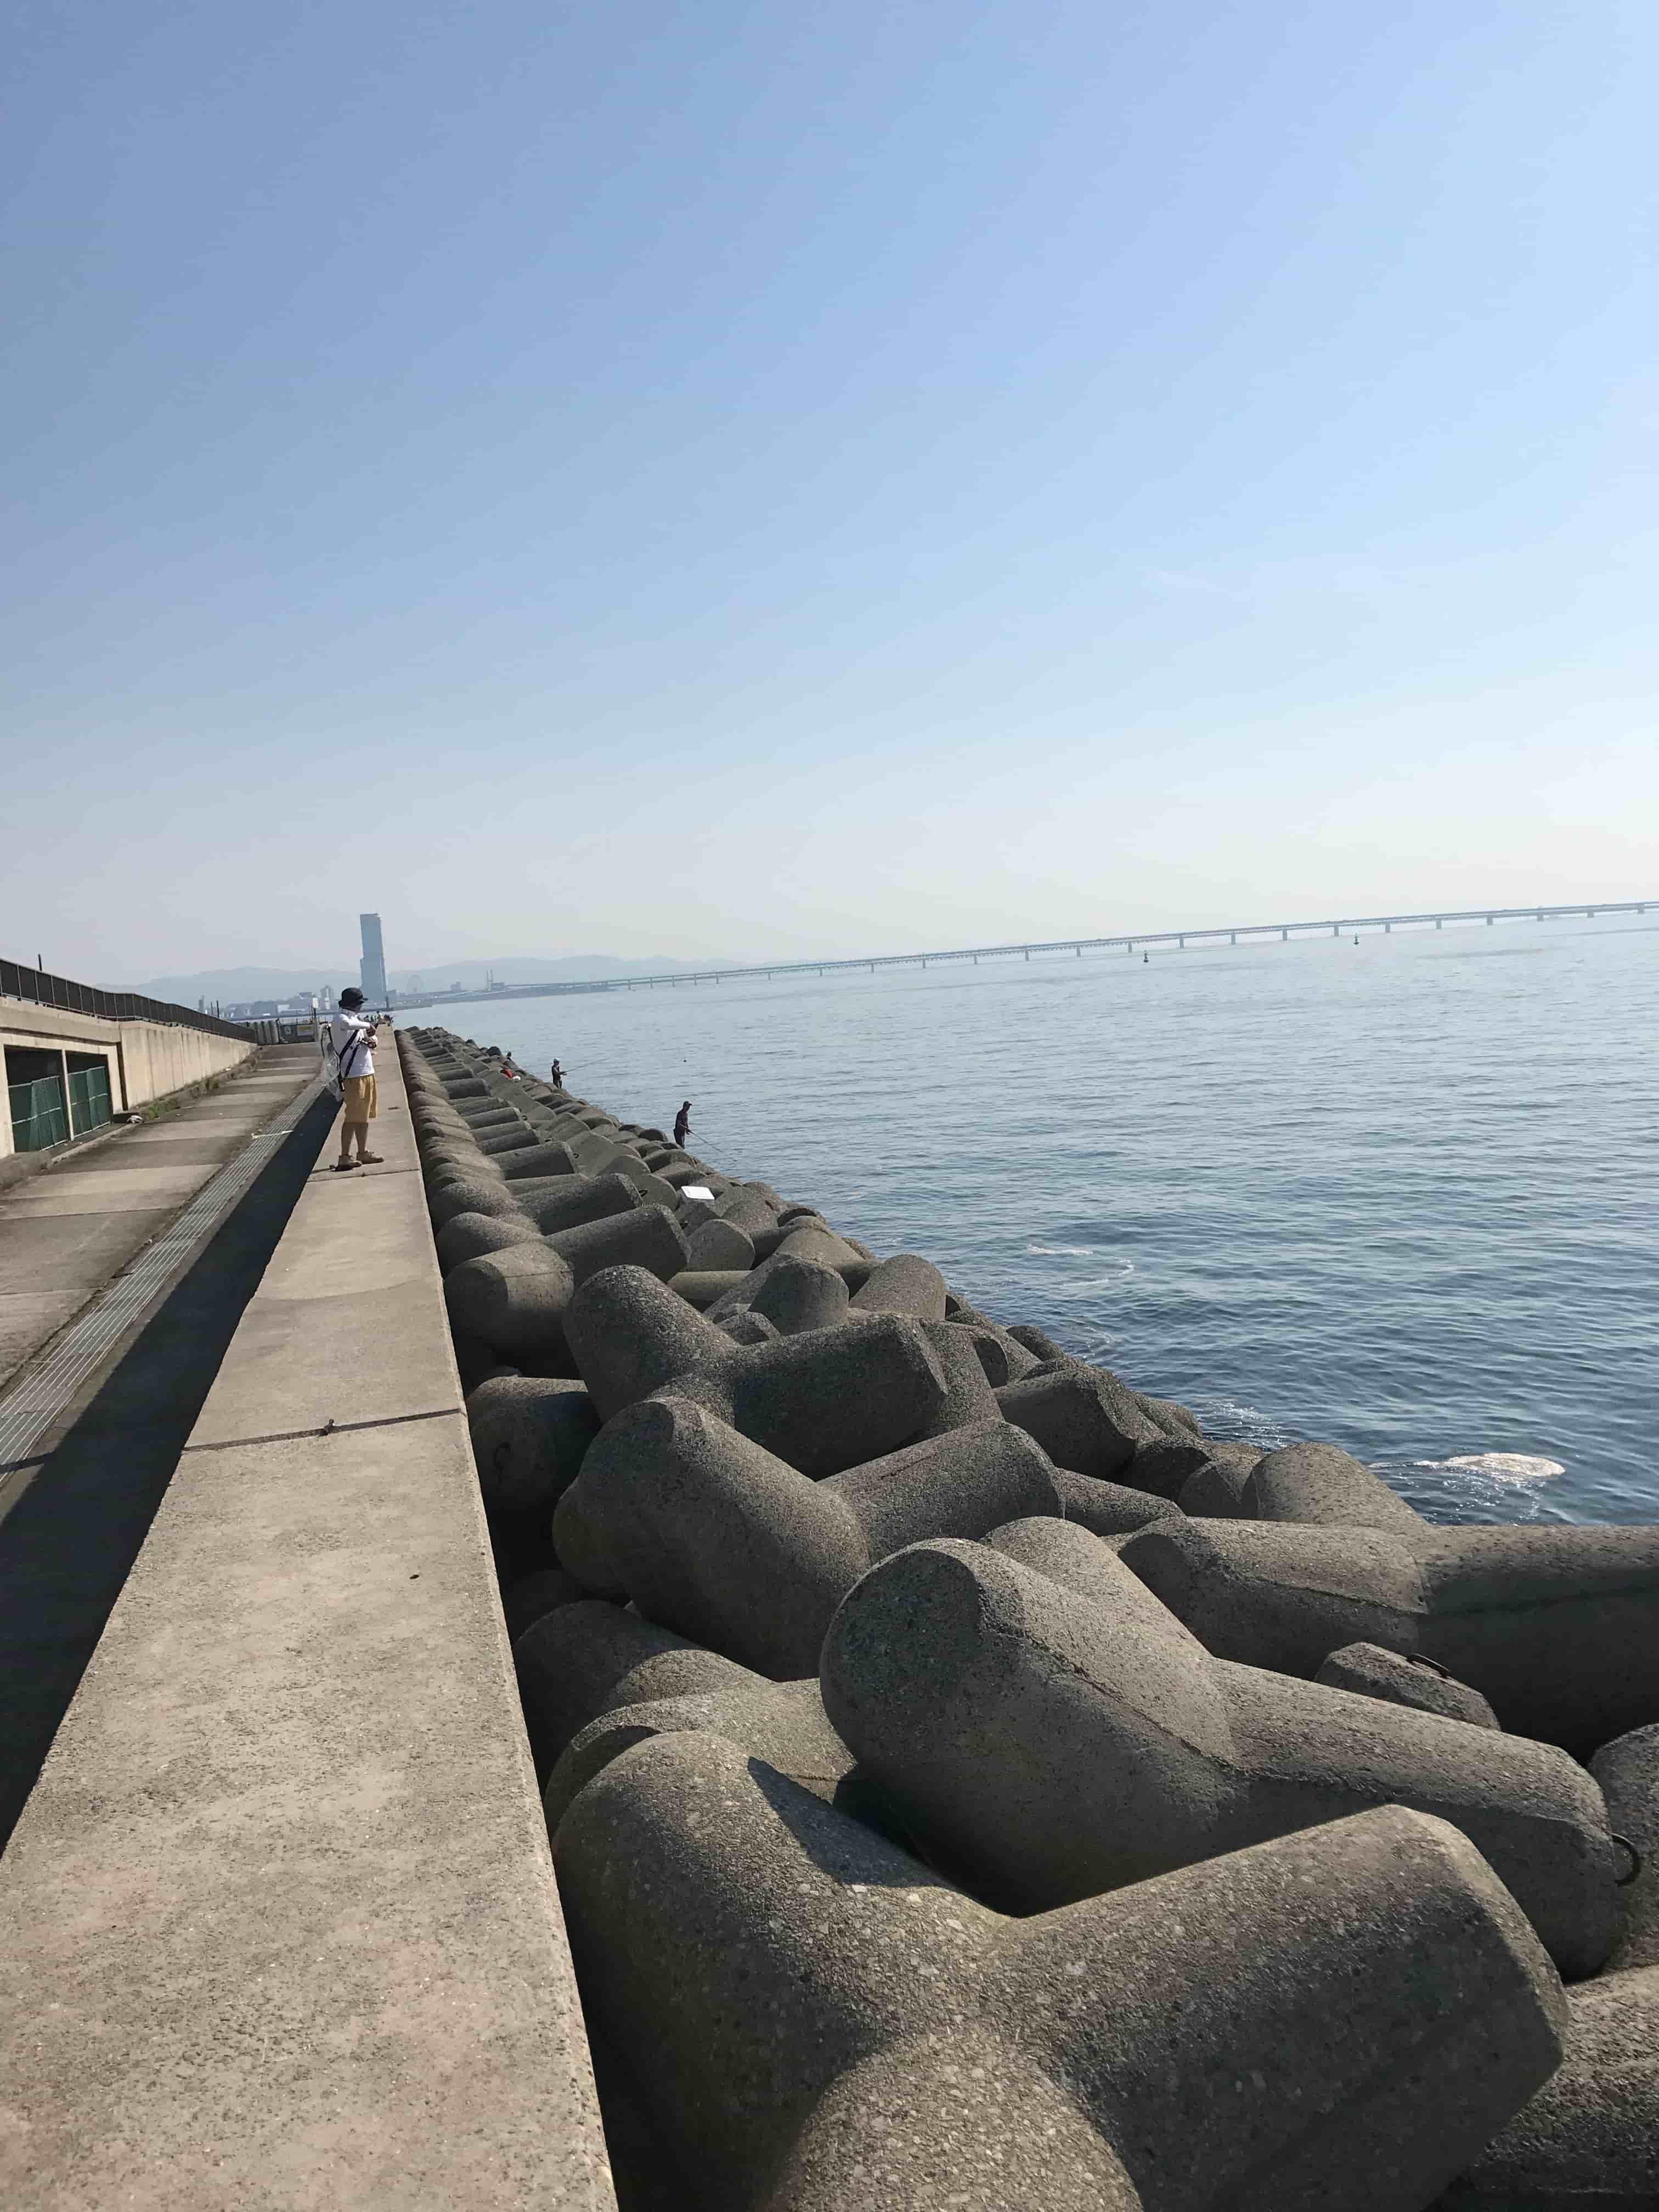 Kaizuka artificial island(shore jigging fishing spot in Osaka Japan)